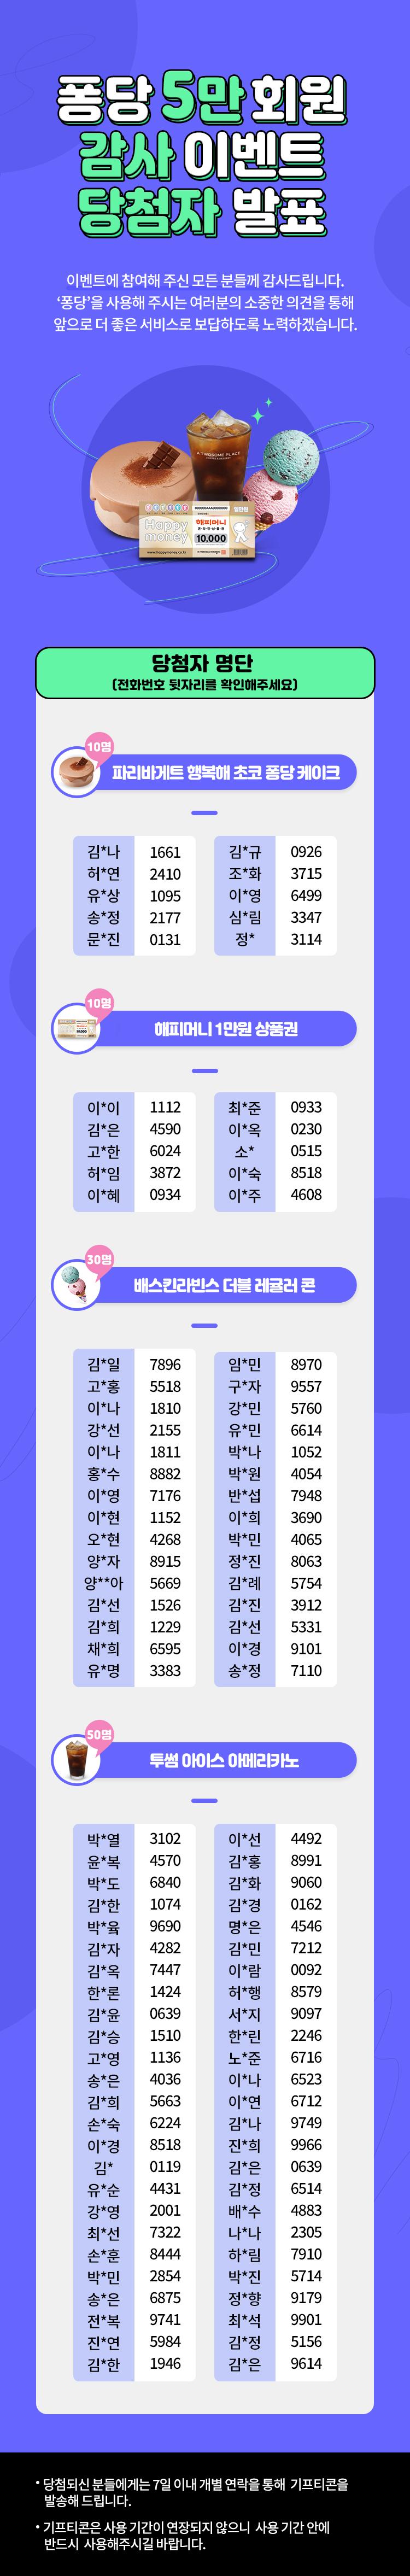 퐁당 5만 구독자 이벤트 당첨자 발표